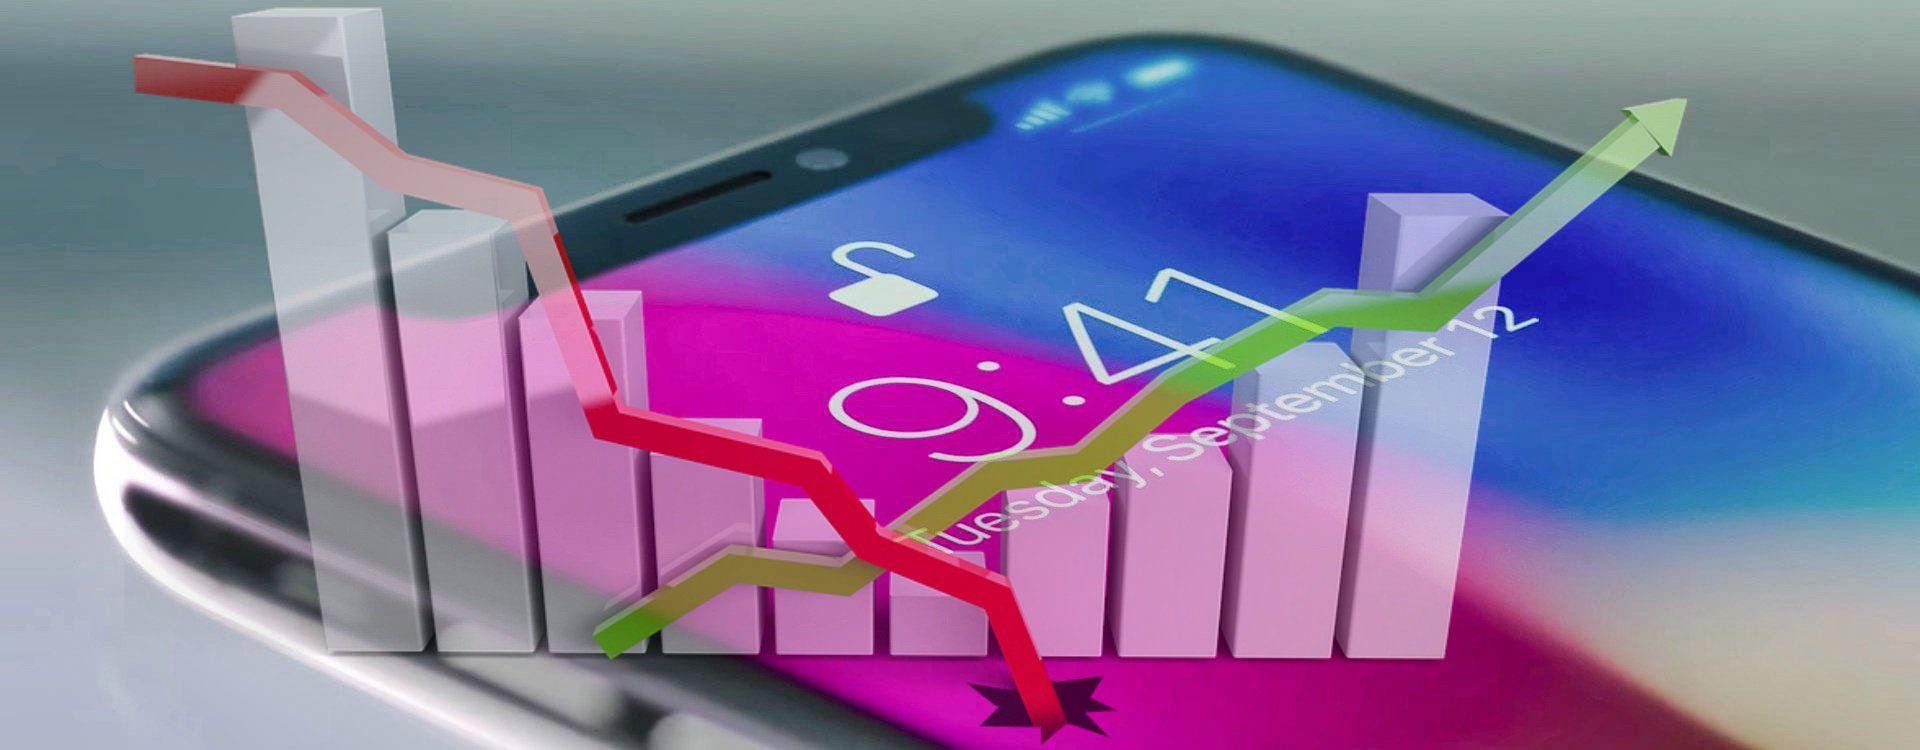 """iPhone X (modyfikowane zdjęcie z użyciem """"Wykres"""" z pixabay.com)"""